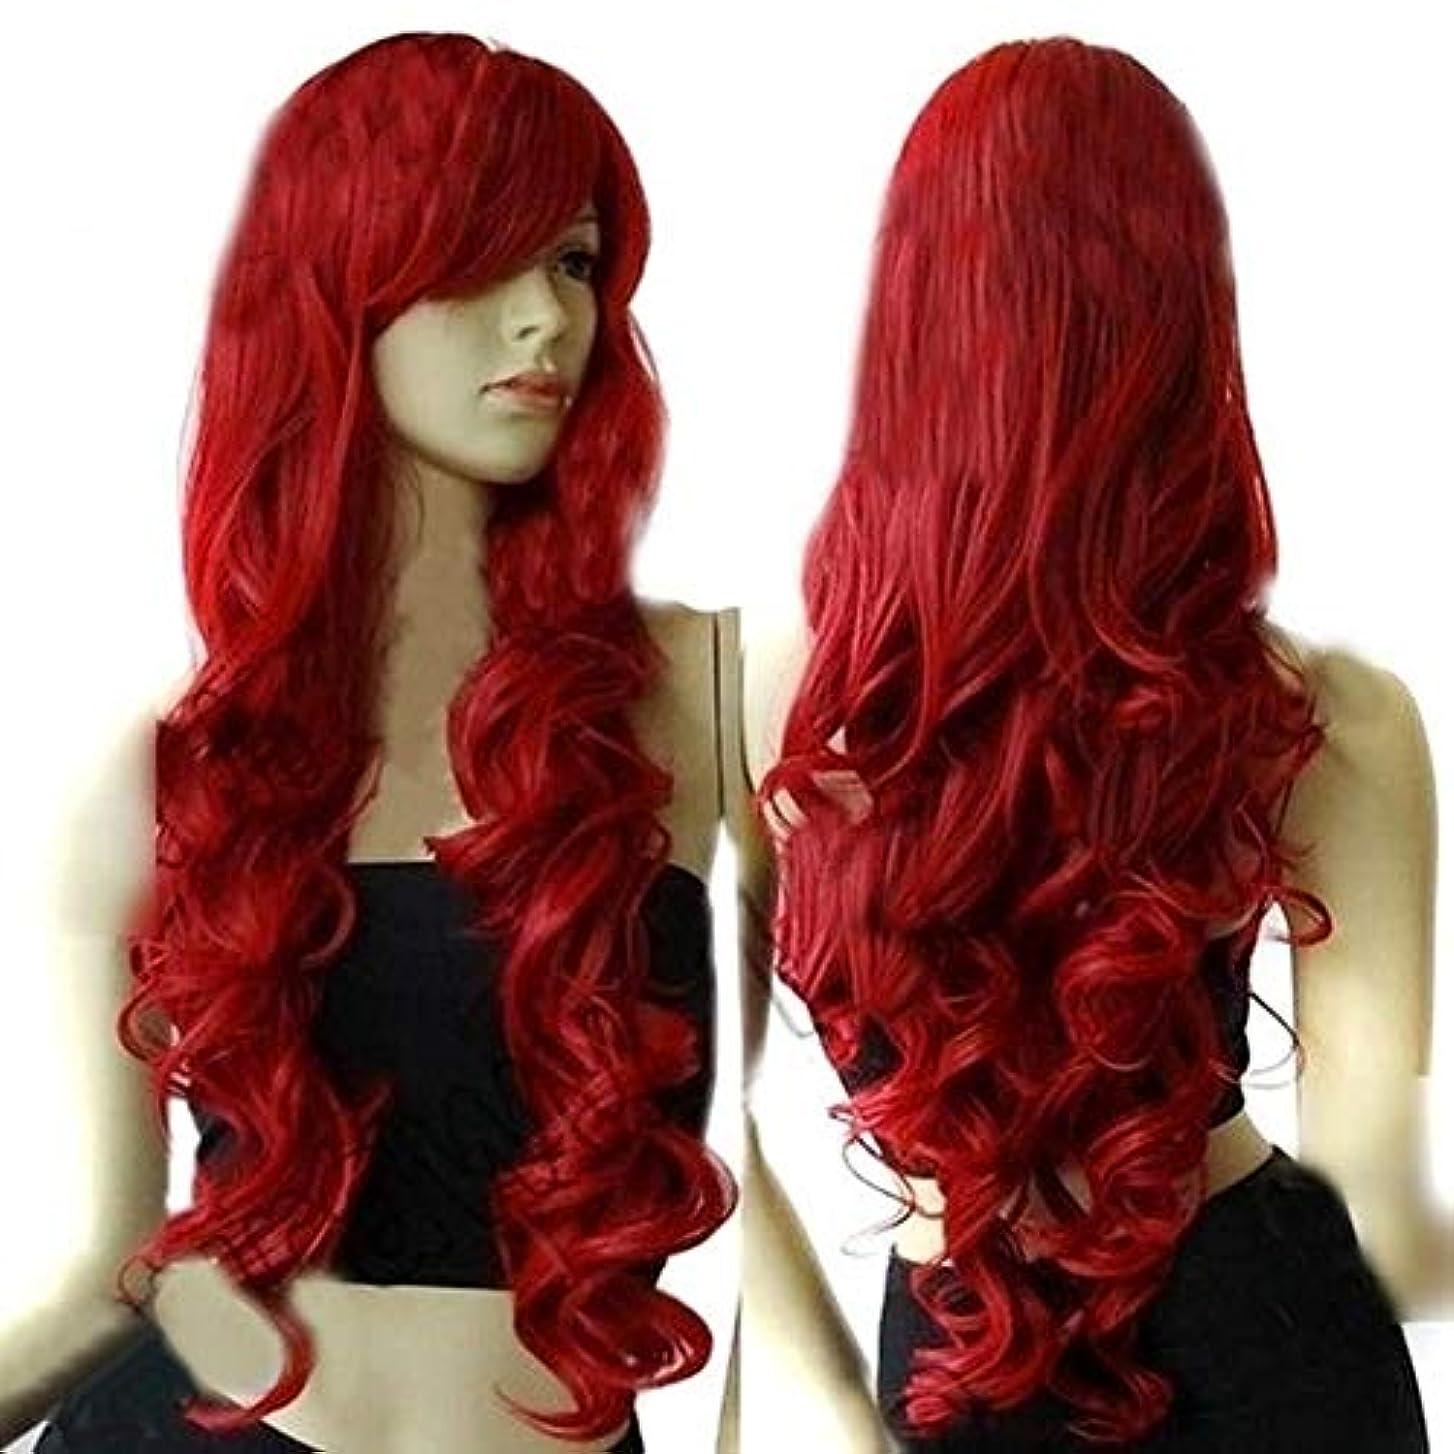 好奇心盛イベントさらにslQinjiansav女性ウィッグ修理ツールファッション女性ロングカーリーワイン赤ウィッグコスプレパーティーヘアピースヘアエクステンション